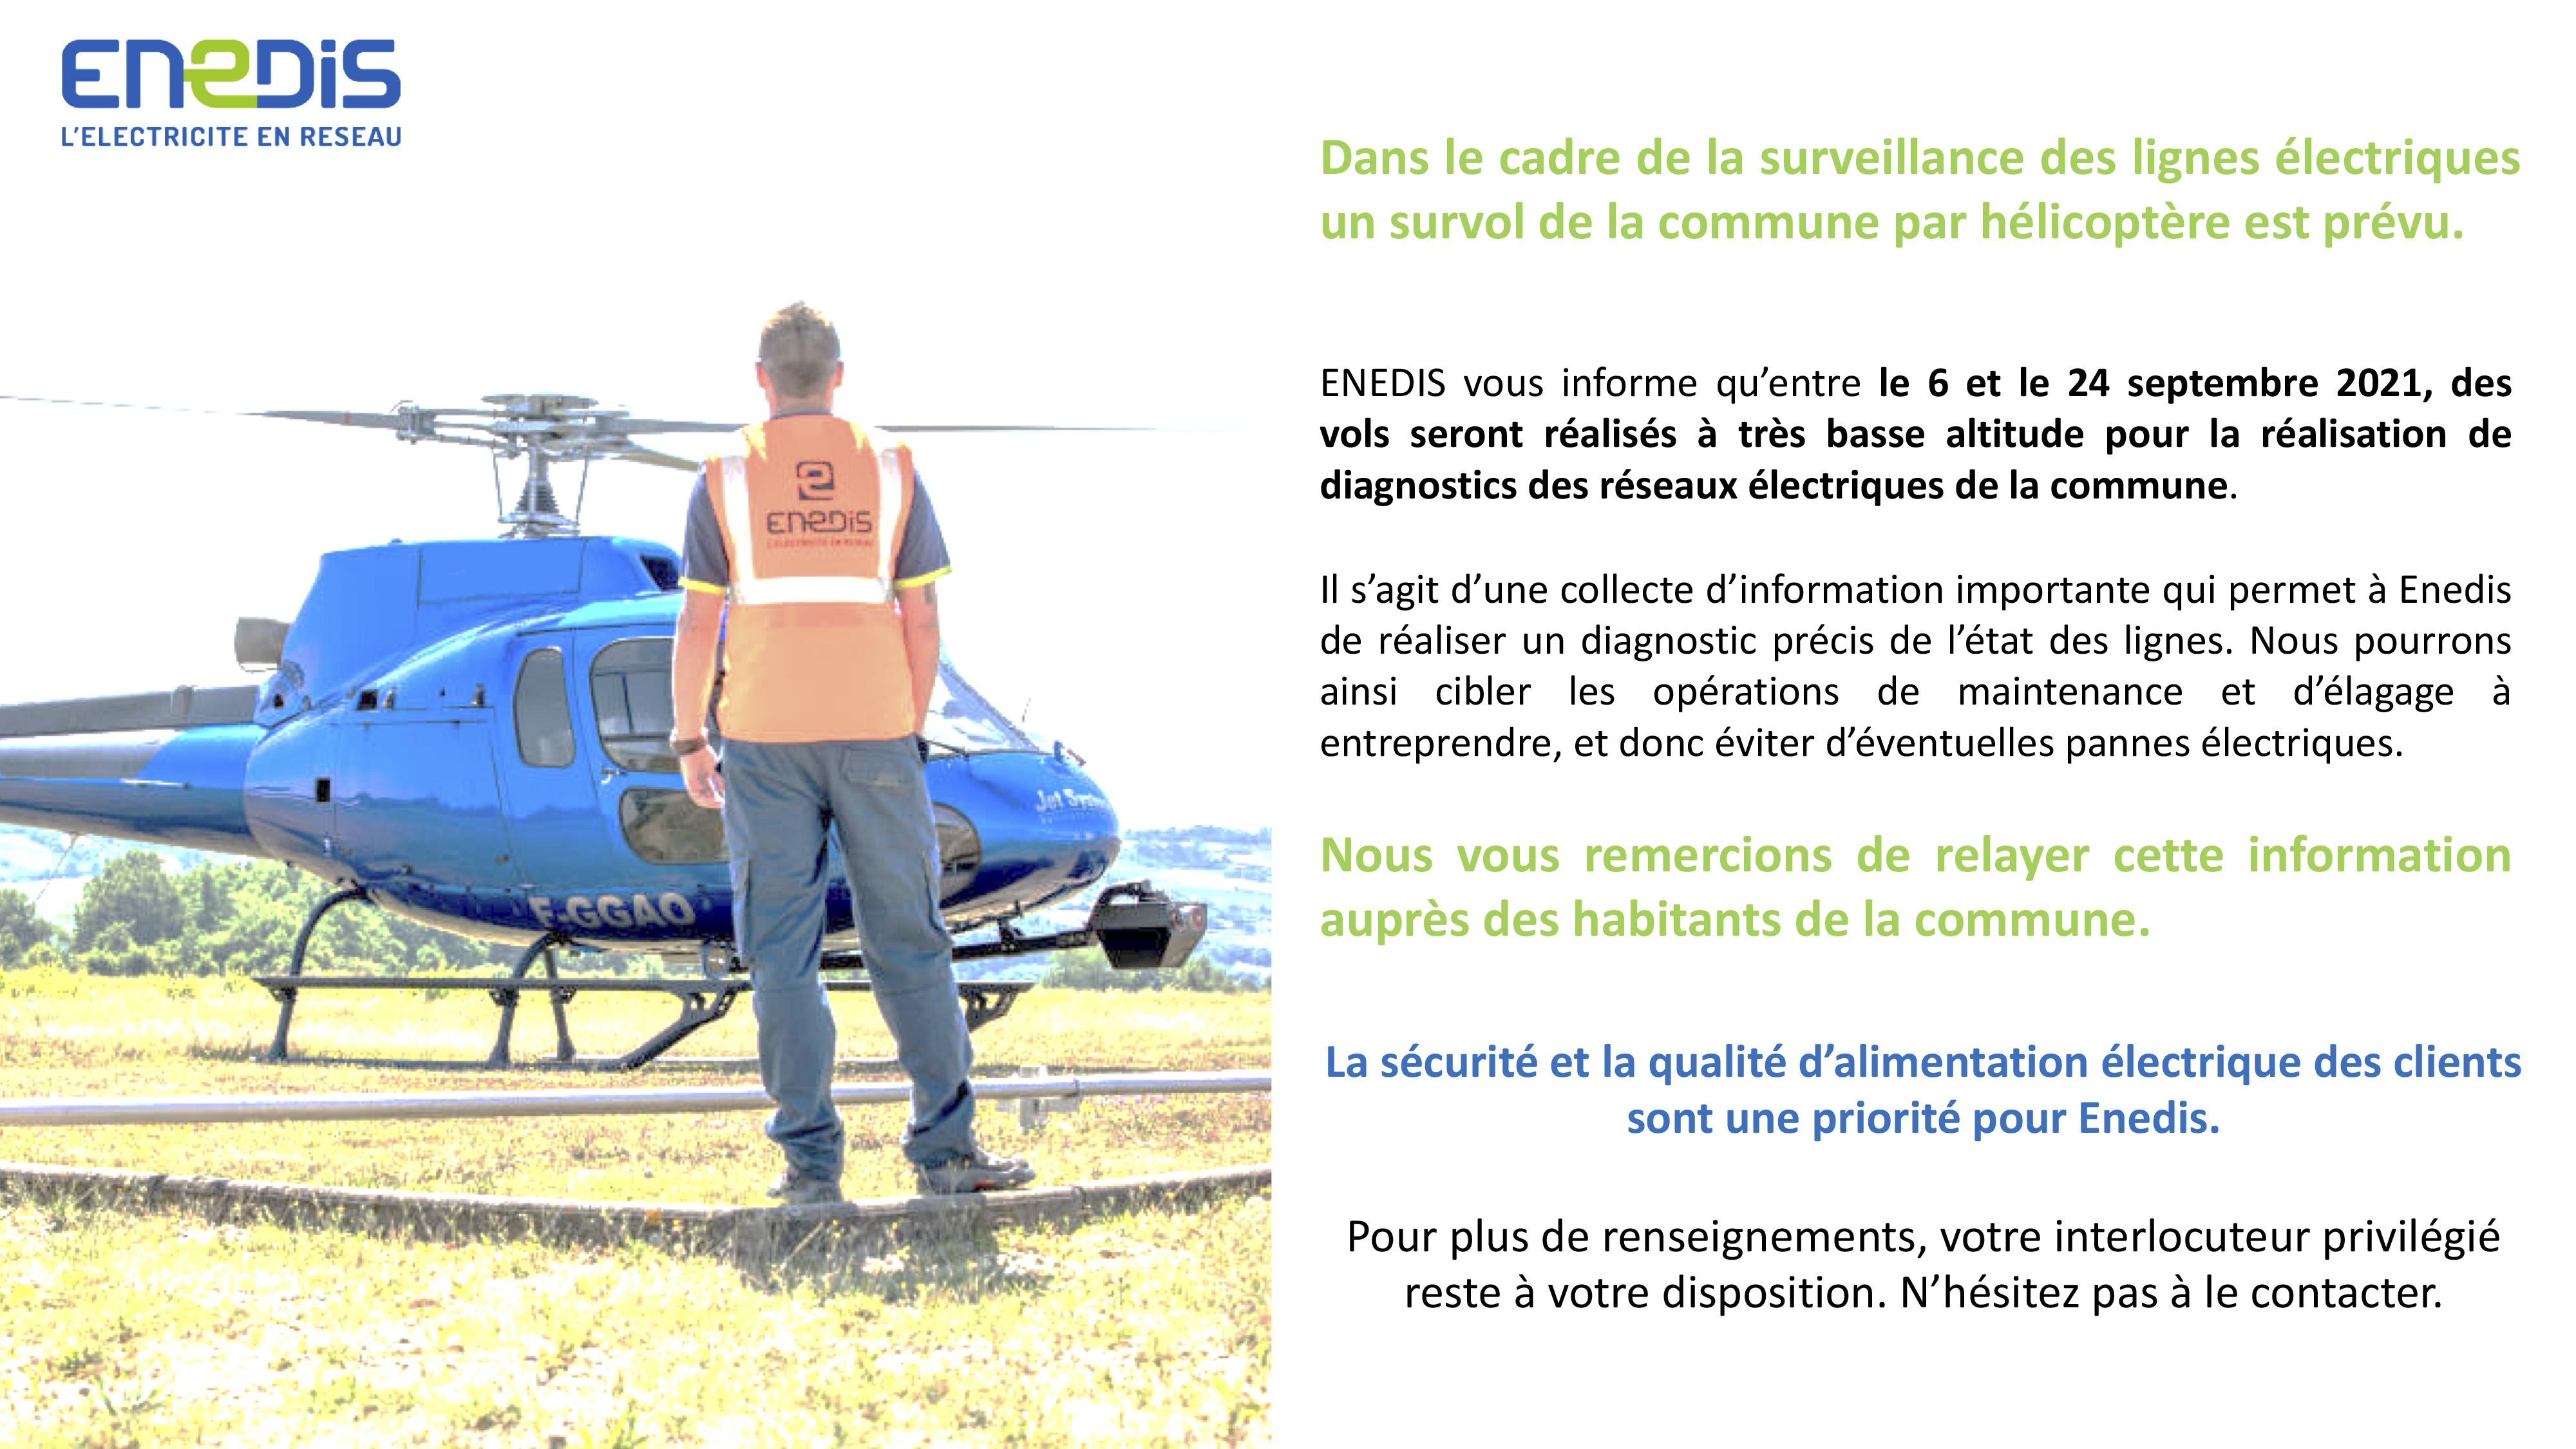 Enedis prévenance vol hélicoptère.jpg